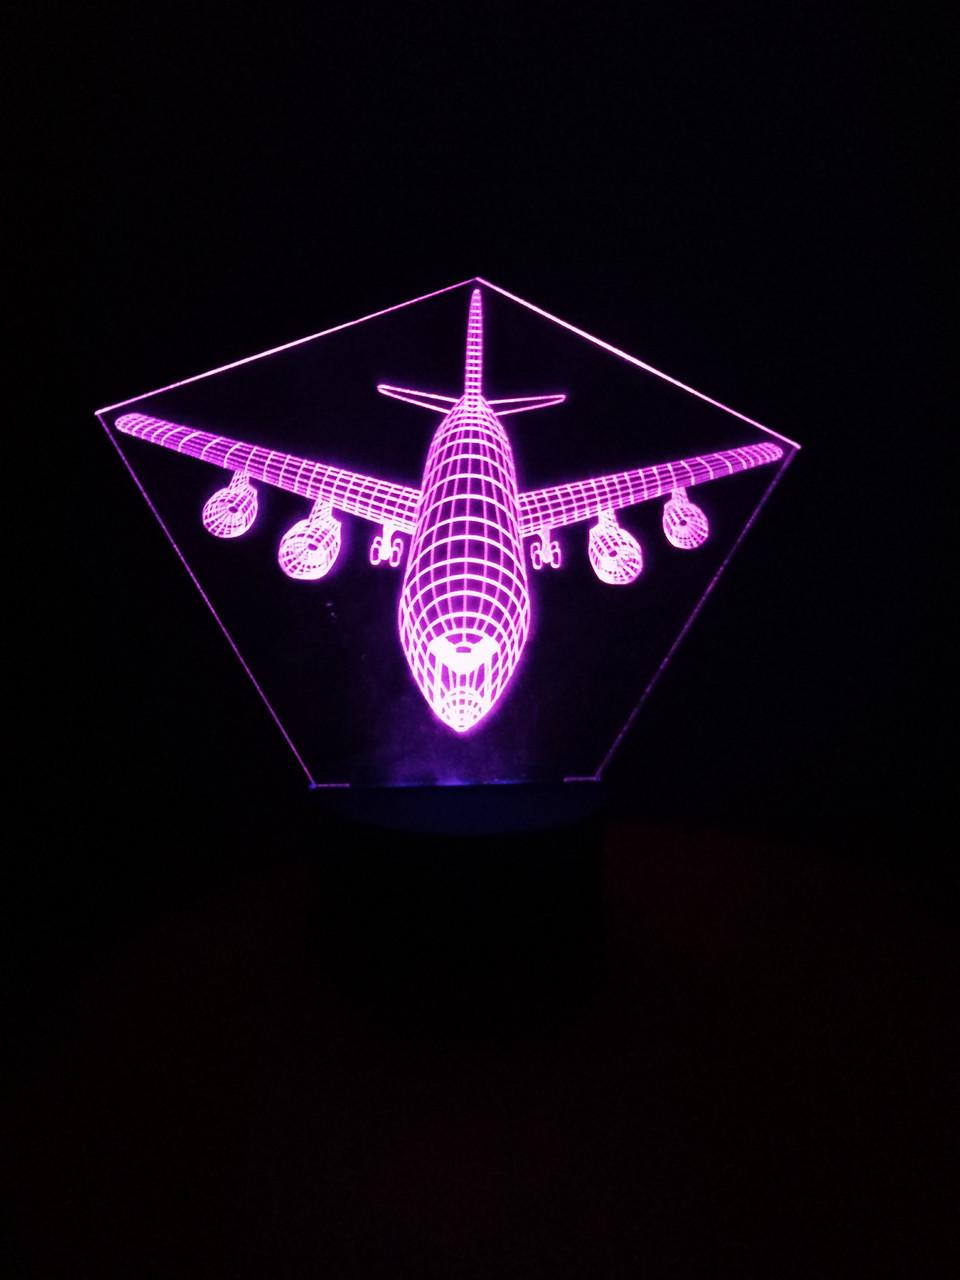 3d-светильник Самолет пассажирский, 3д-ночник, несколько подсветок (на батарейке), подарок летчику